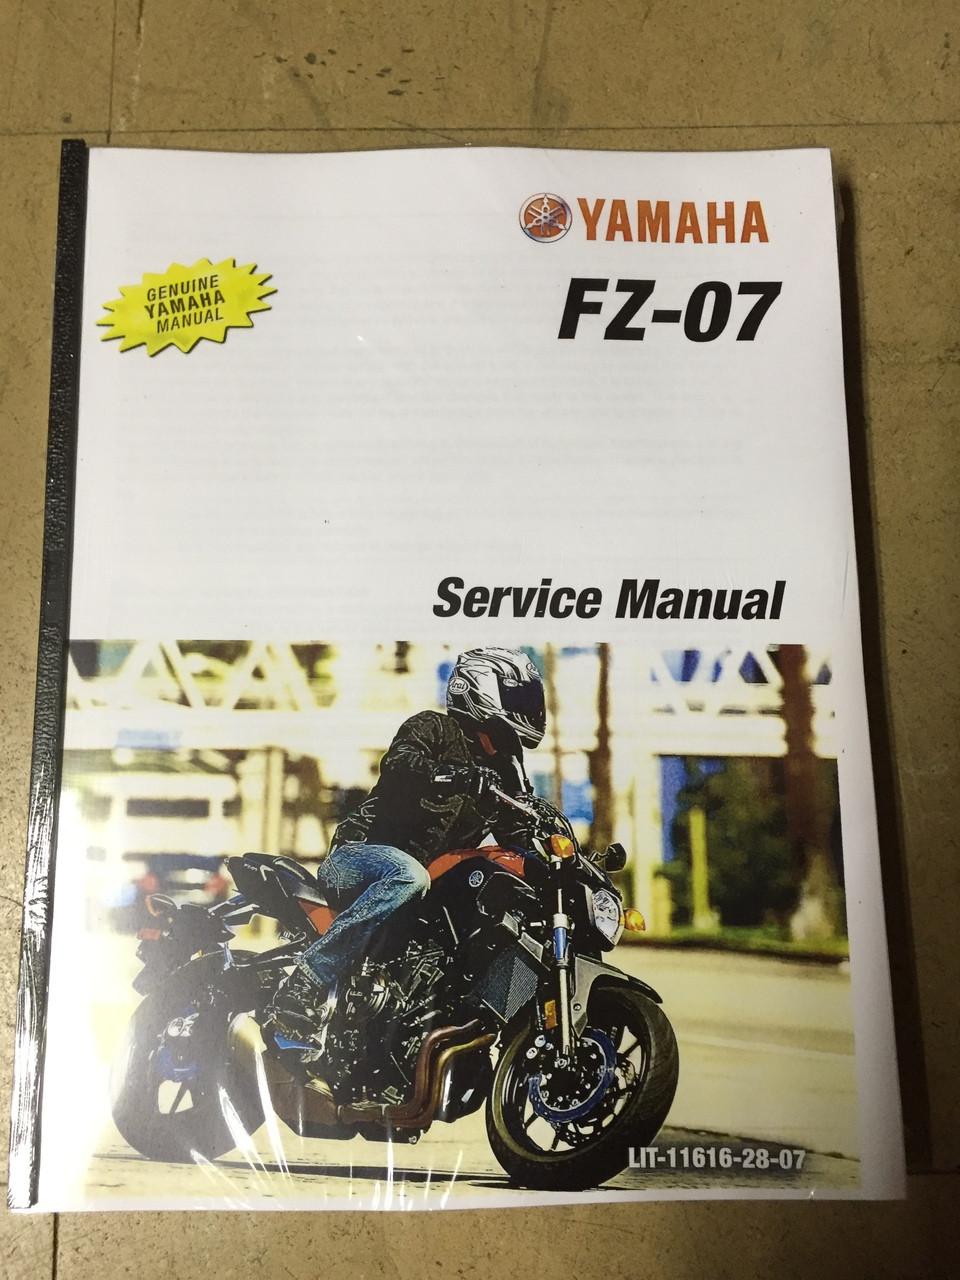 Fz Manual Daewoo Cielo Service Pdf Array 2015 2016 Yamaha 07 Part Lit 11616 28 Shop Repair